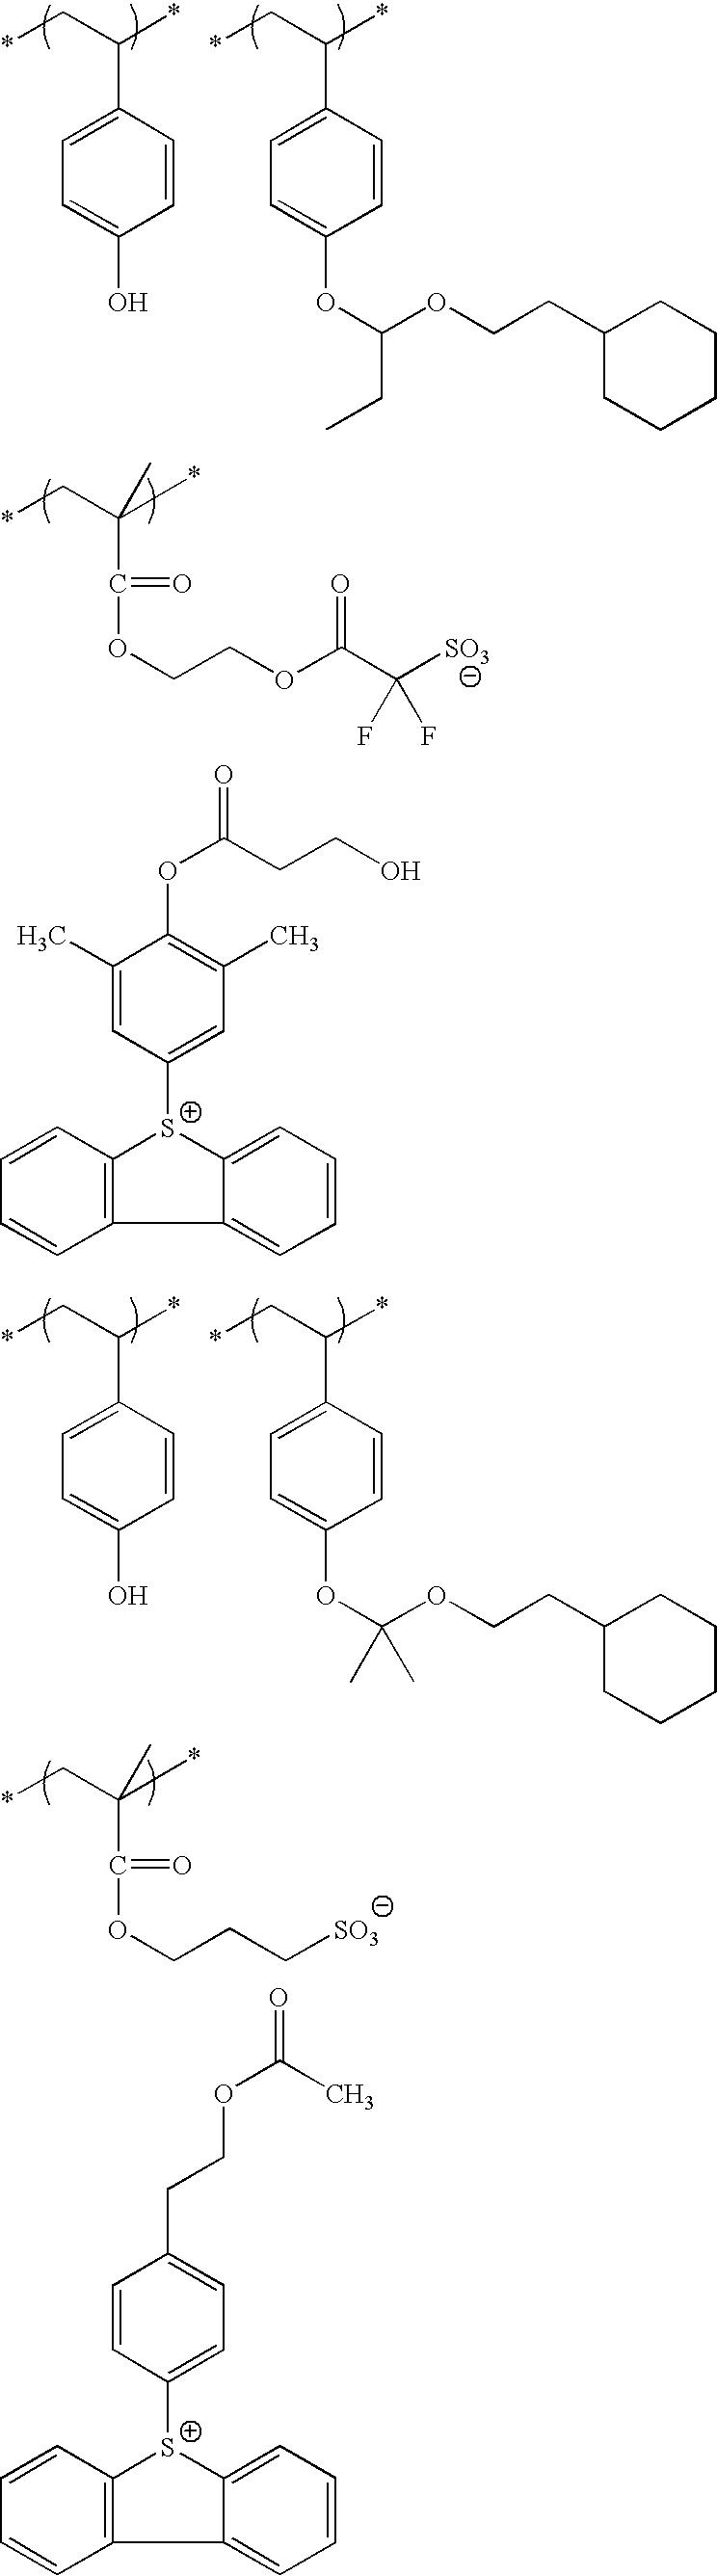 Figure US20100183975A1-20100722-C00156